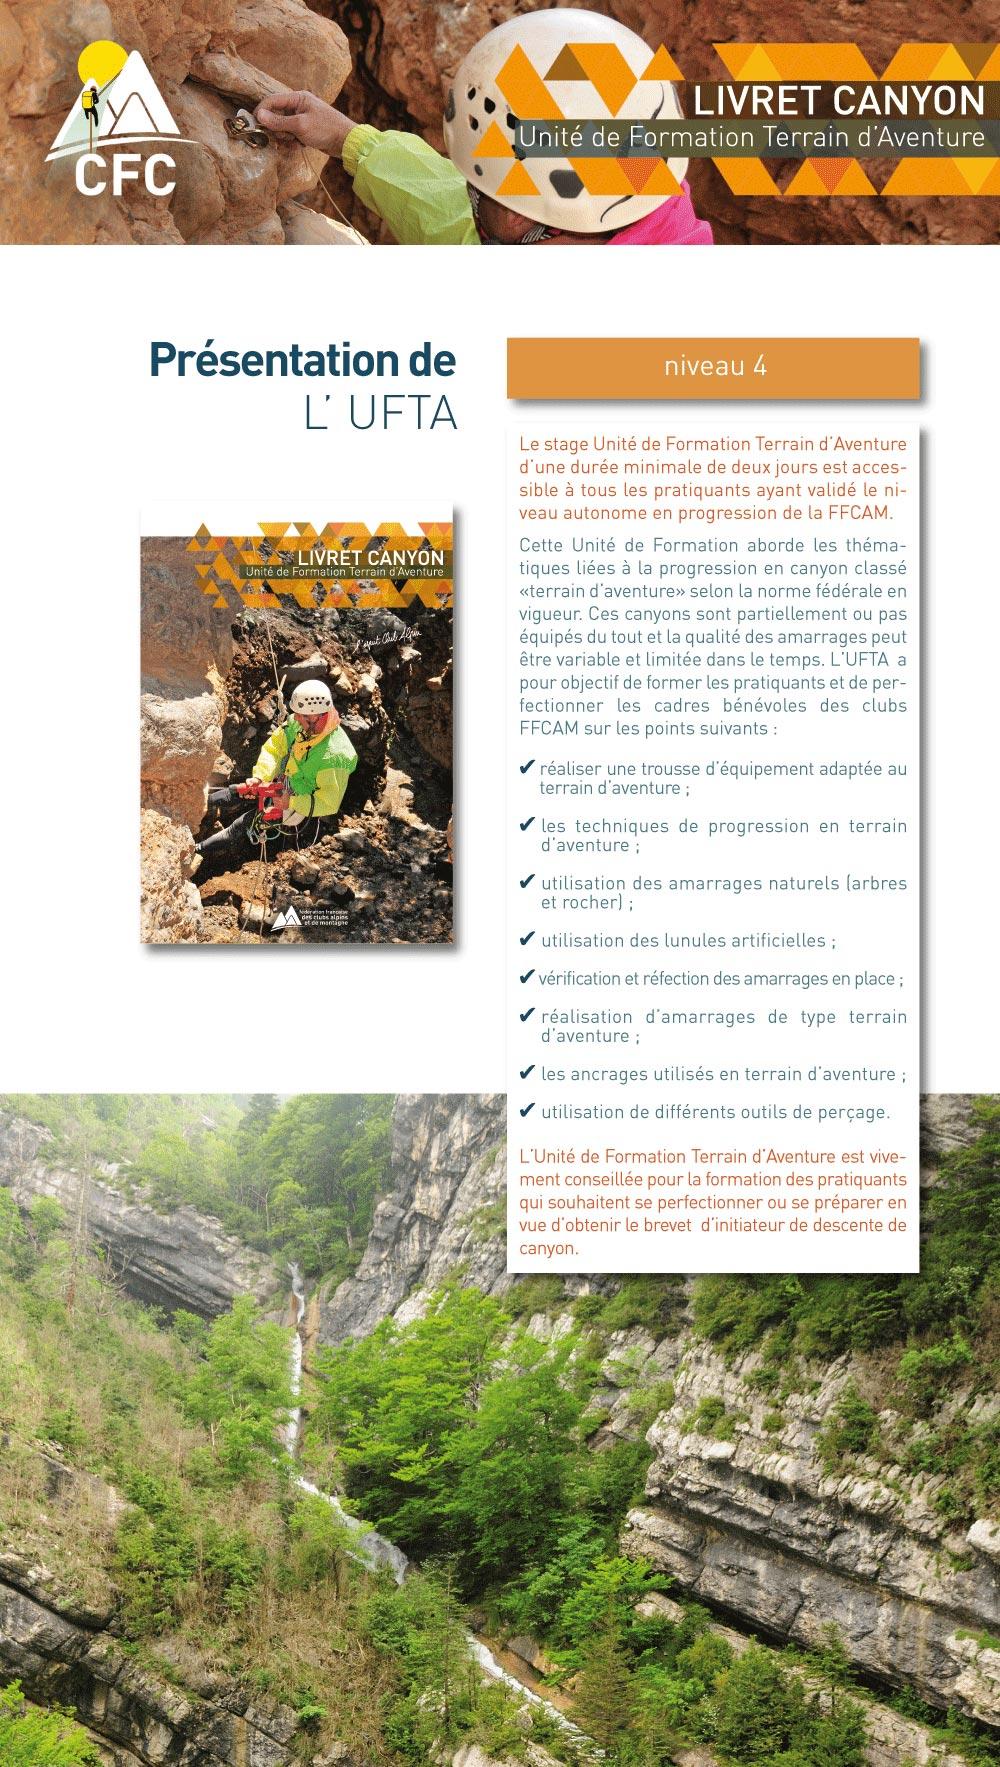 présentation de l'unité de formation terrain d'aventure en canyon de la FFCAM